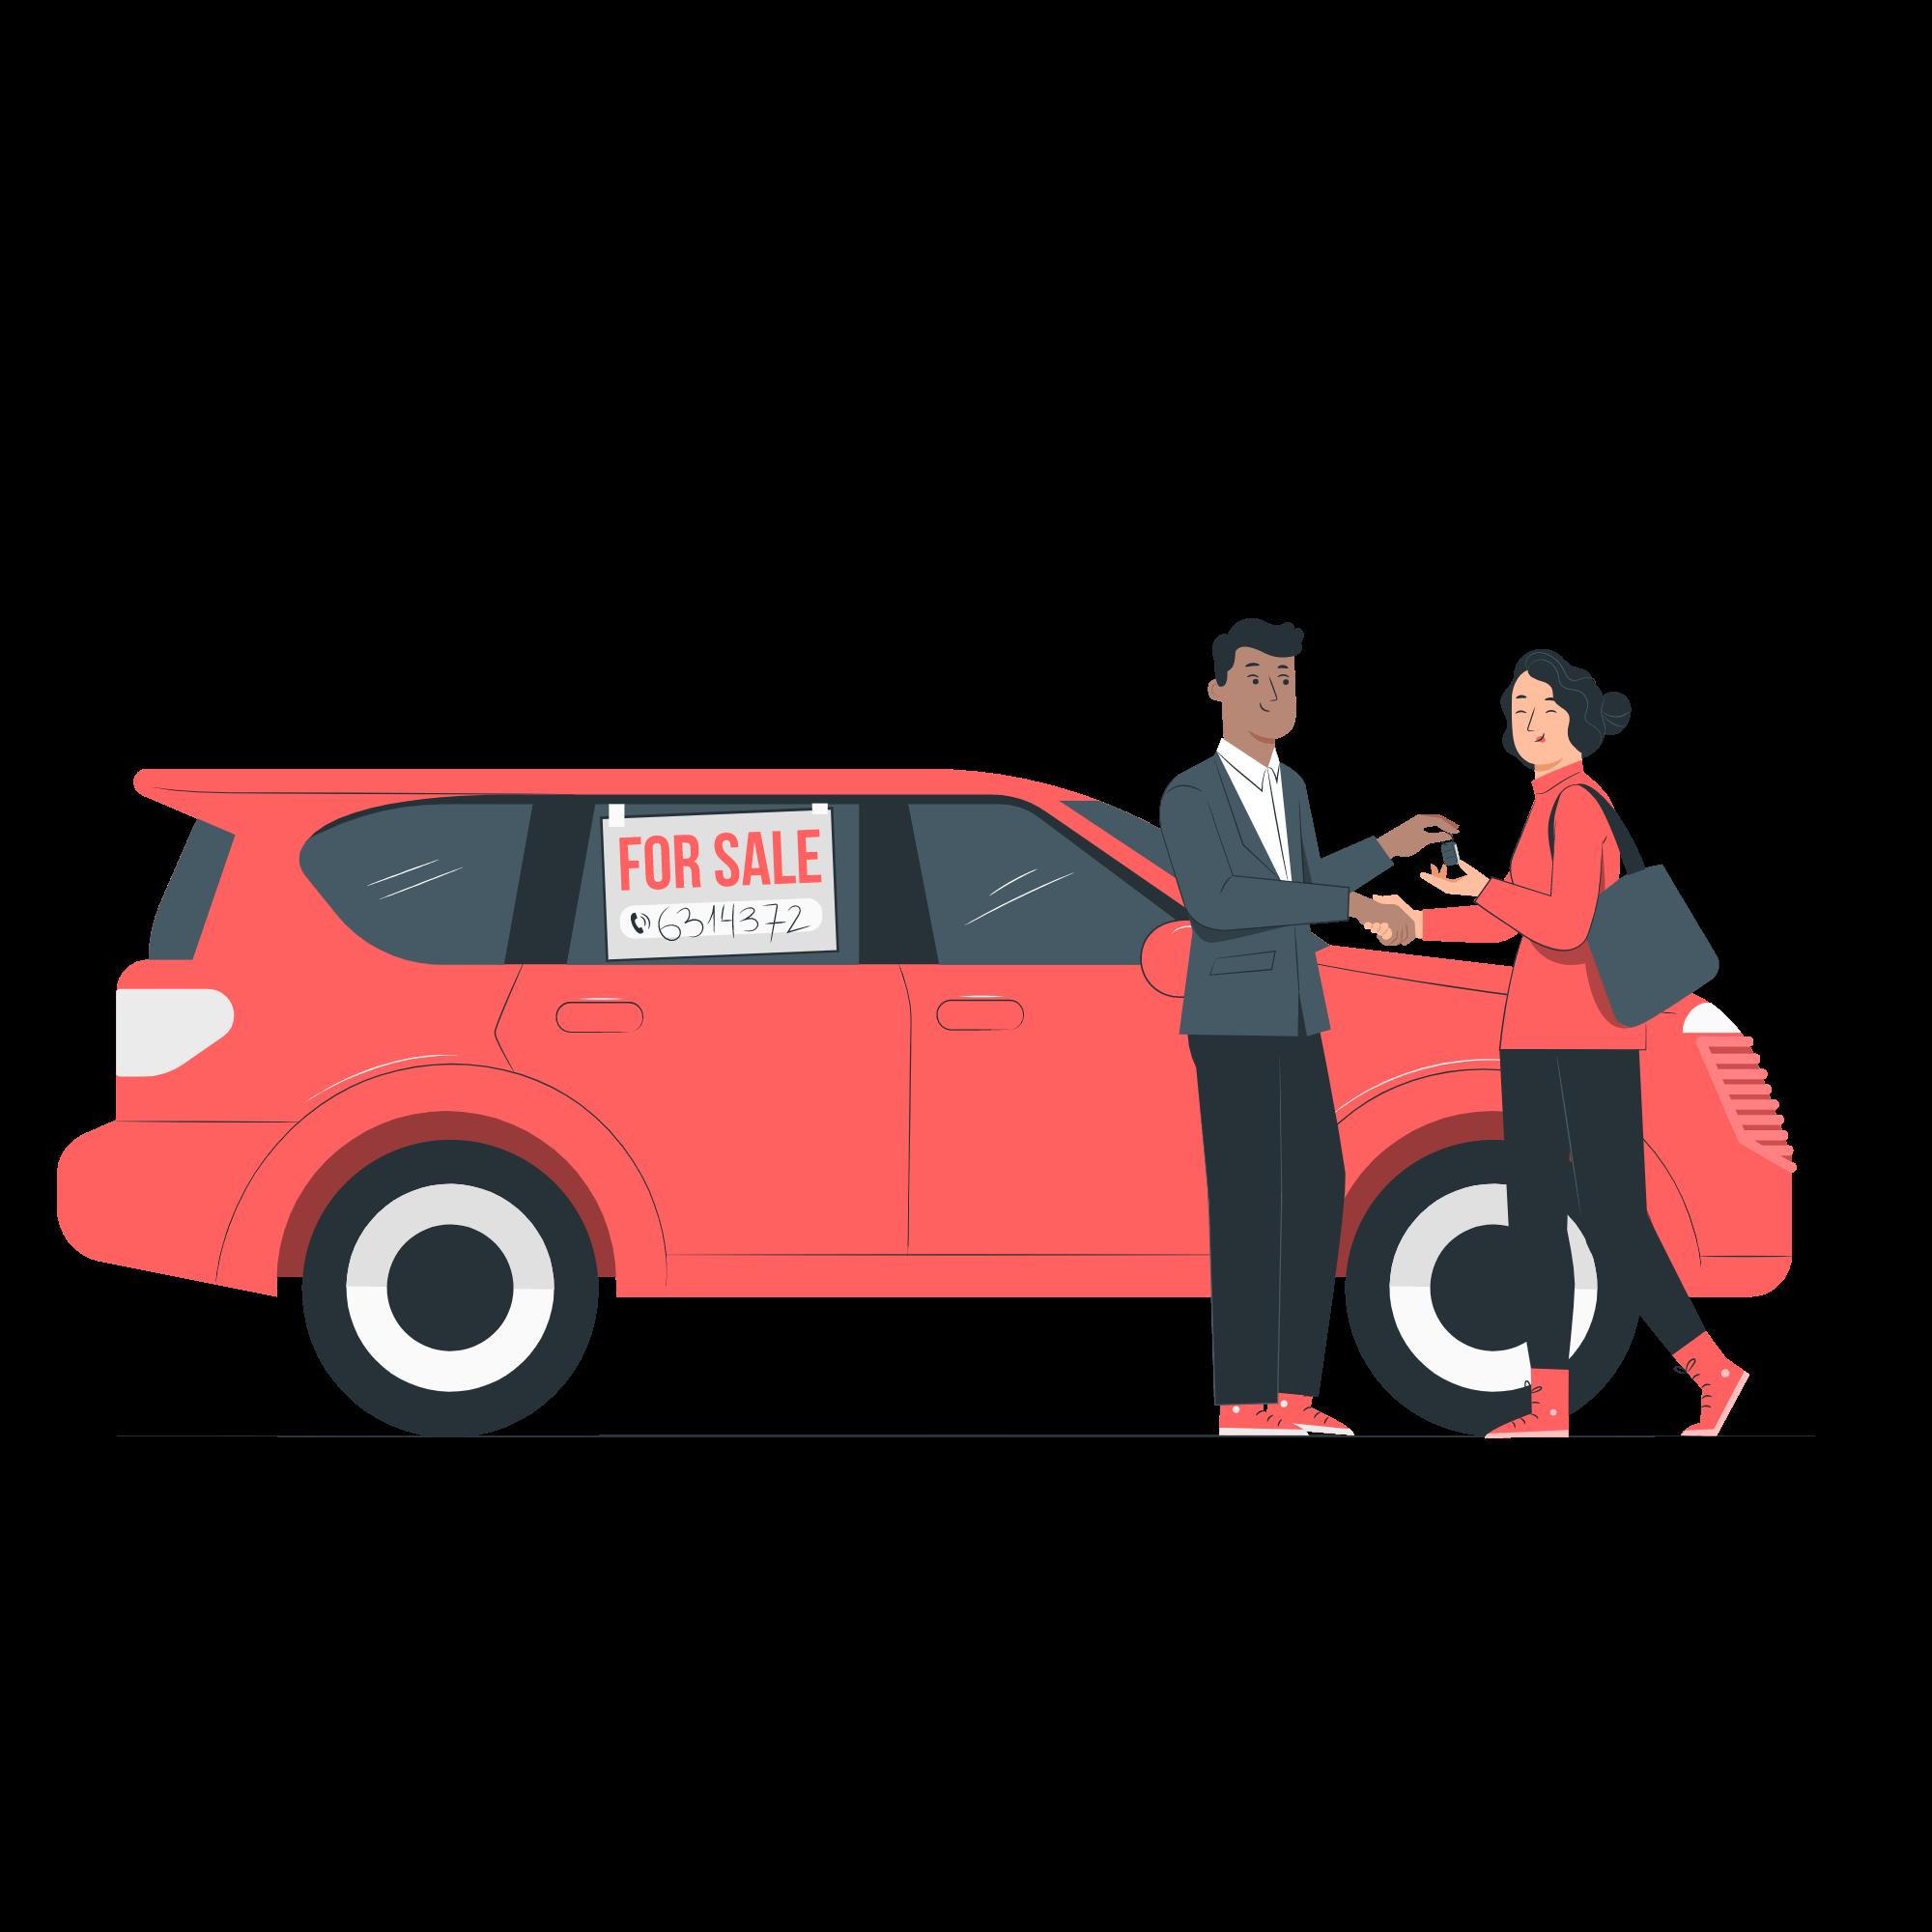 Vehicle Sale-pana (1)